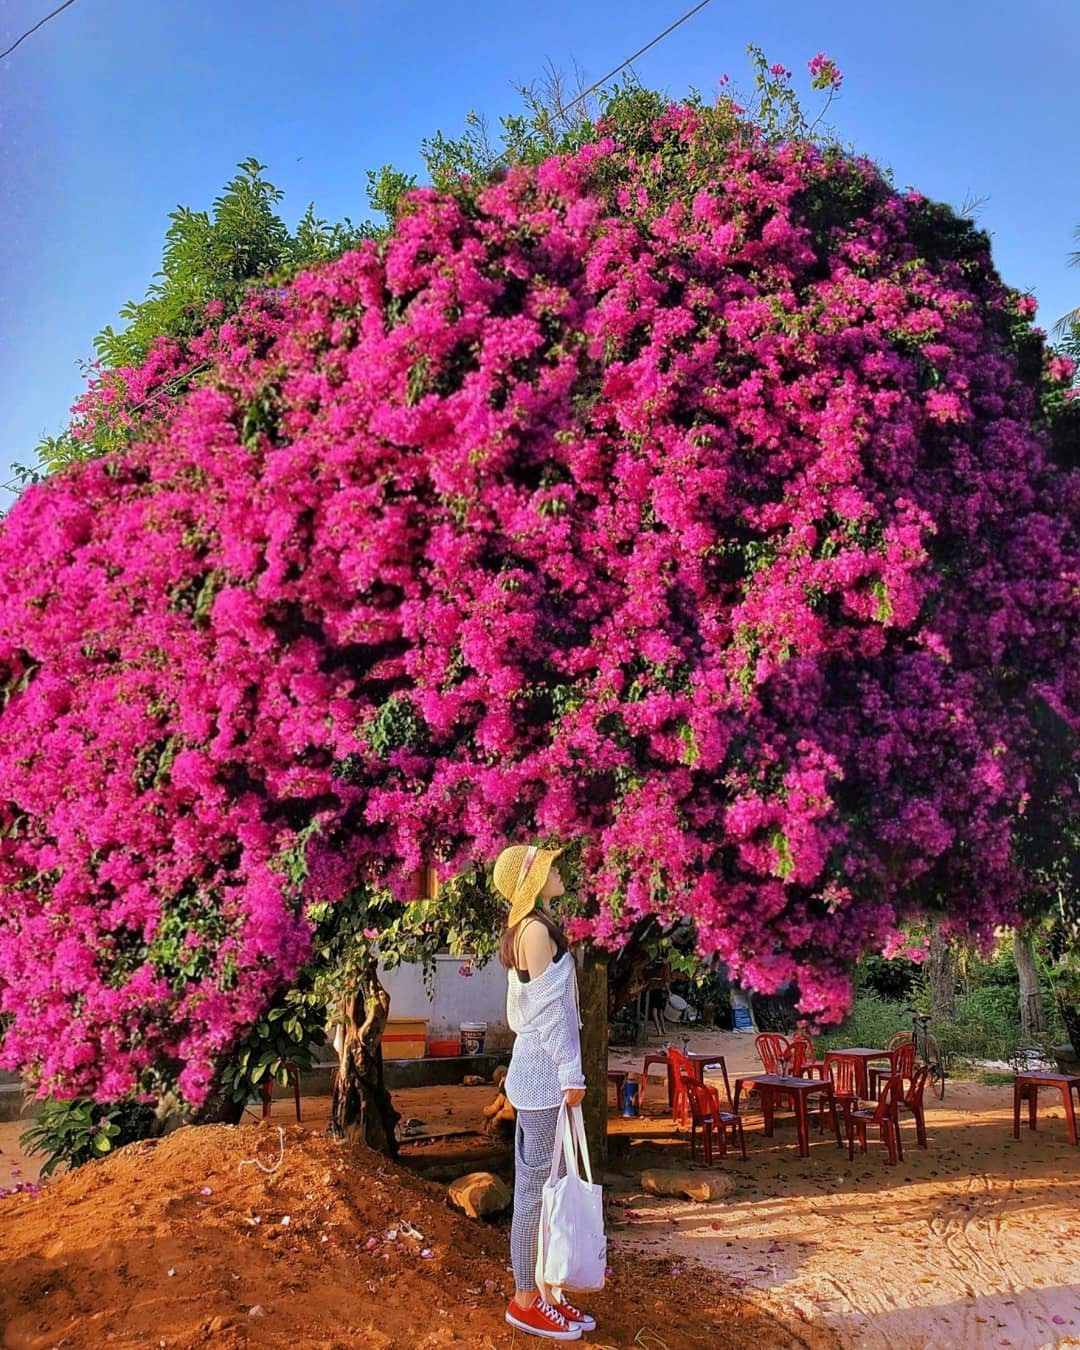 Những hòn đảo thiên đường ngay tại Việt Nam cho dịp lễ 30/4 - 1/5 - Ảnh 8.